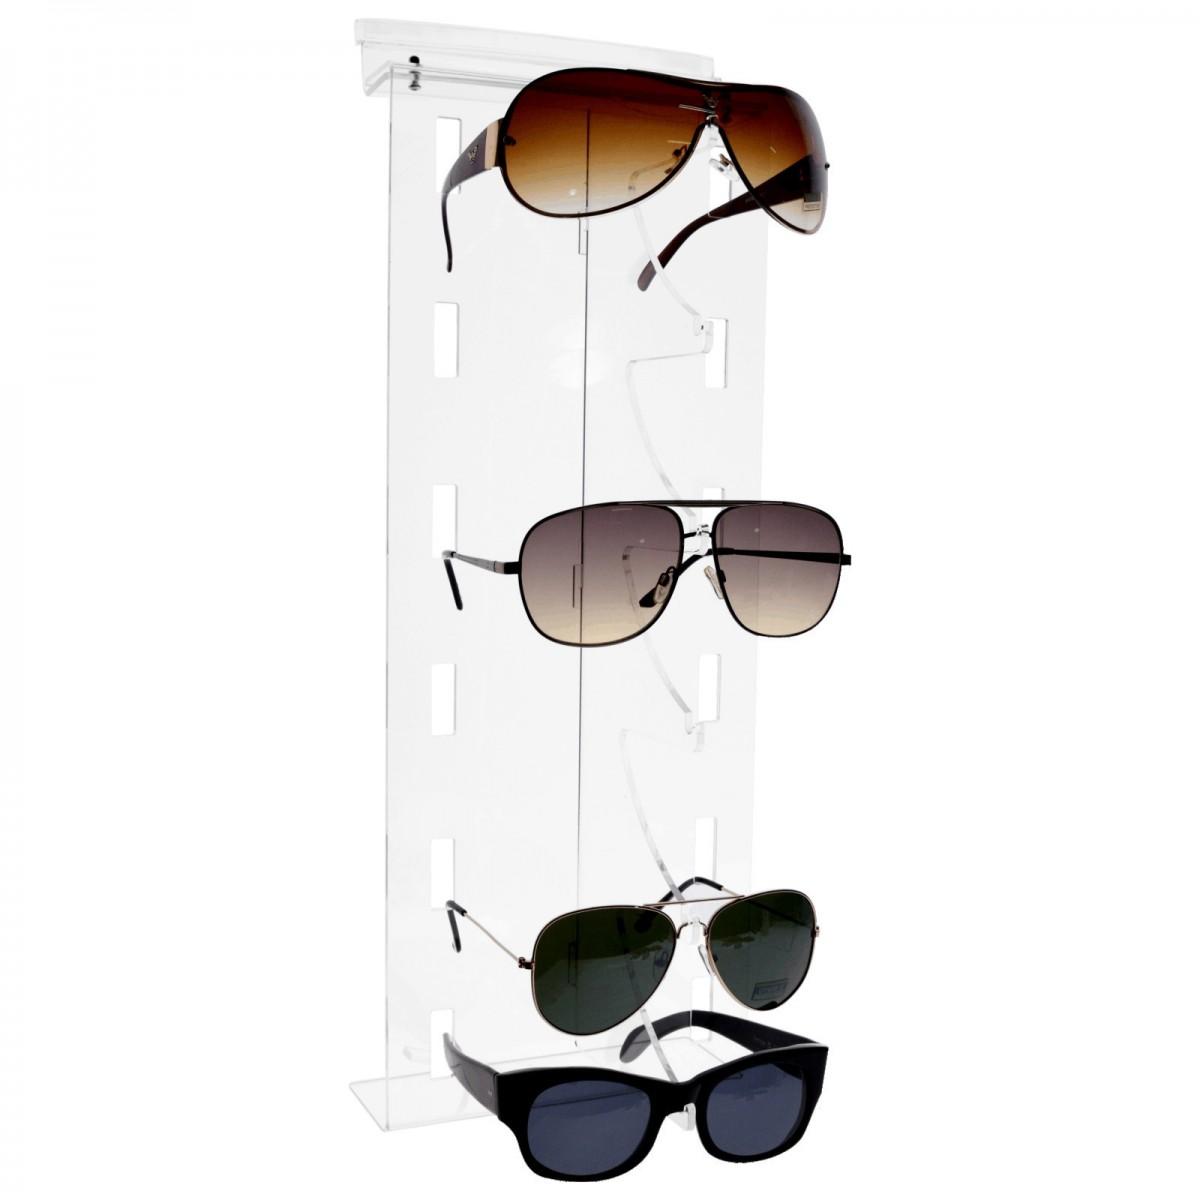 E-326 - Porta occhiali in plexiglass trasparente verticali per pannelli dogati